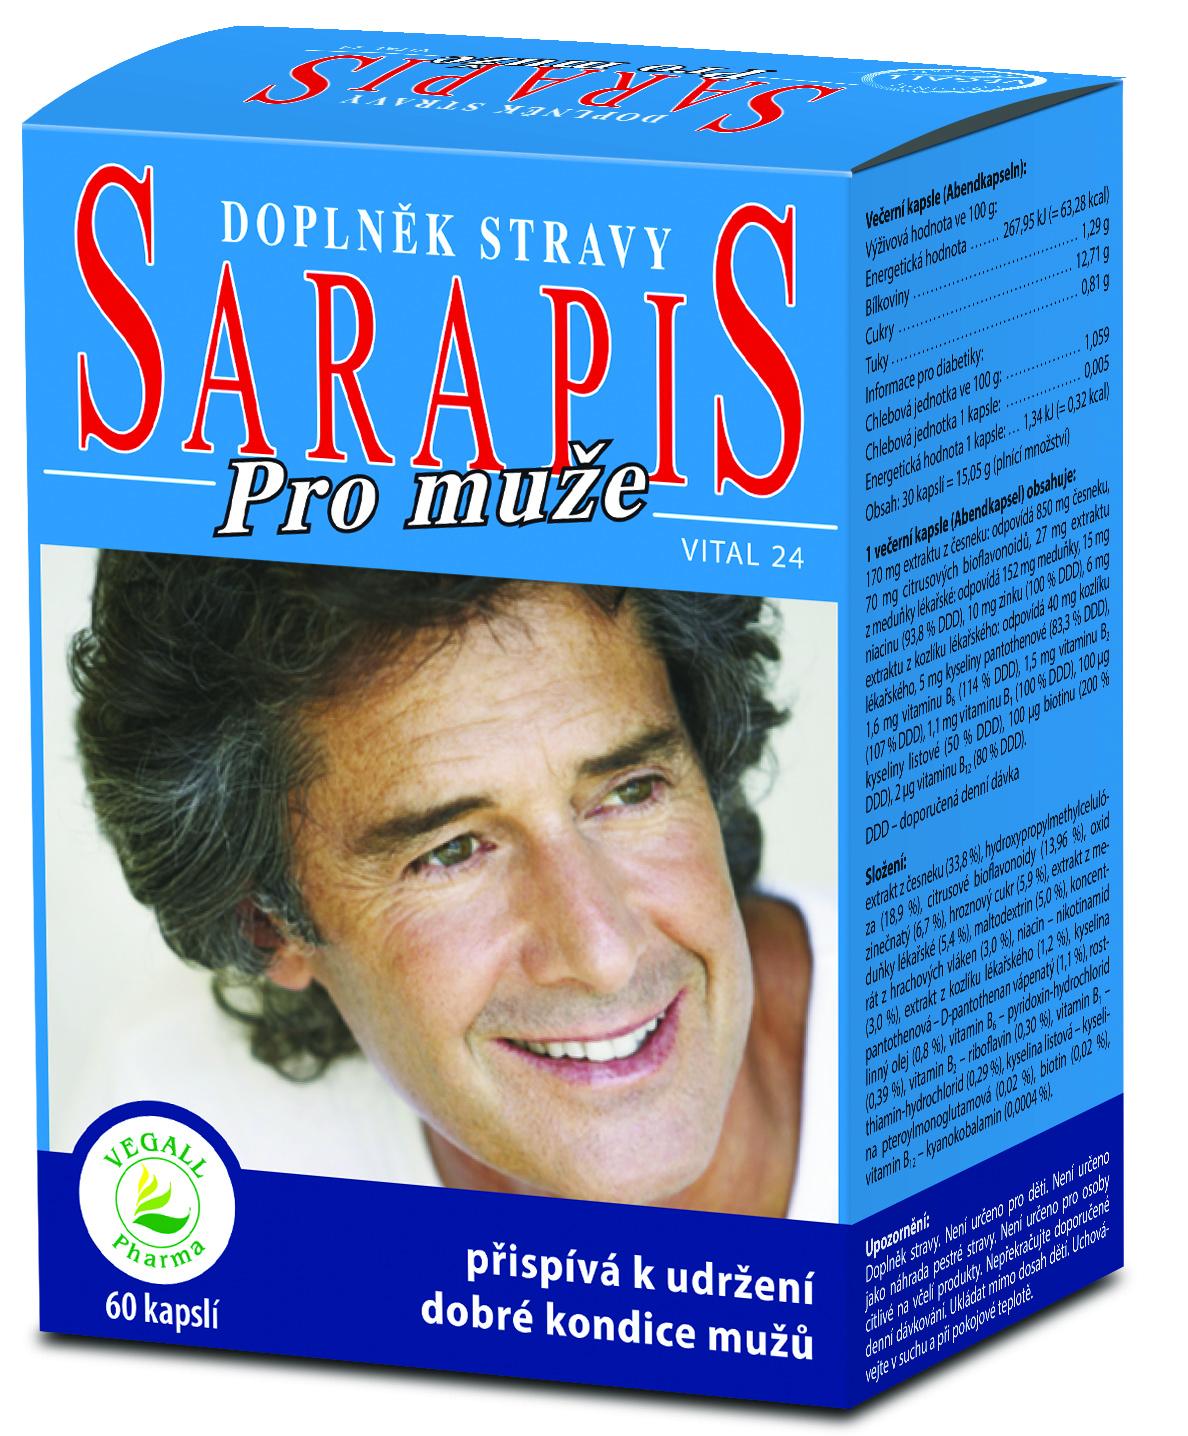 Sarapis PRO MUŽE - 60 kapslí - Vegall Pharma